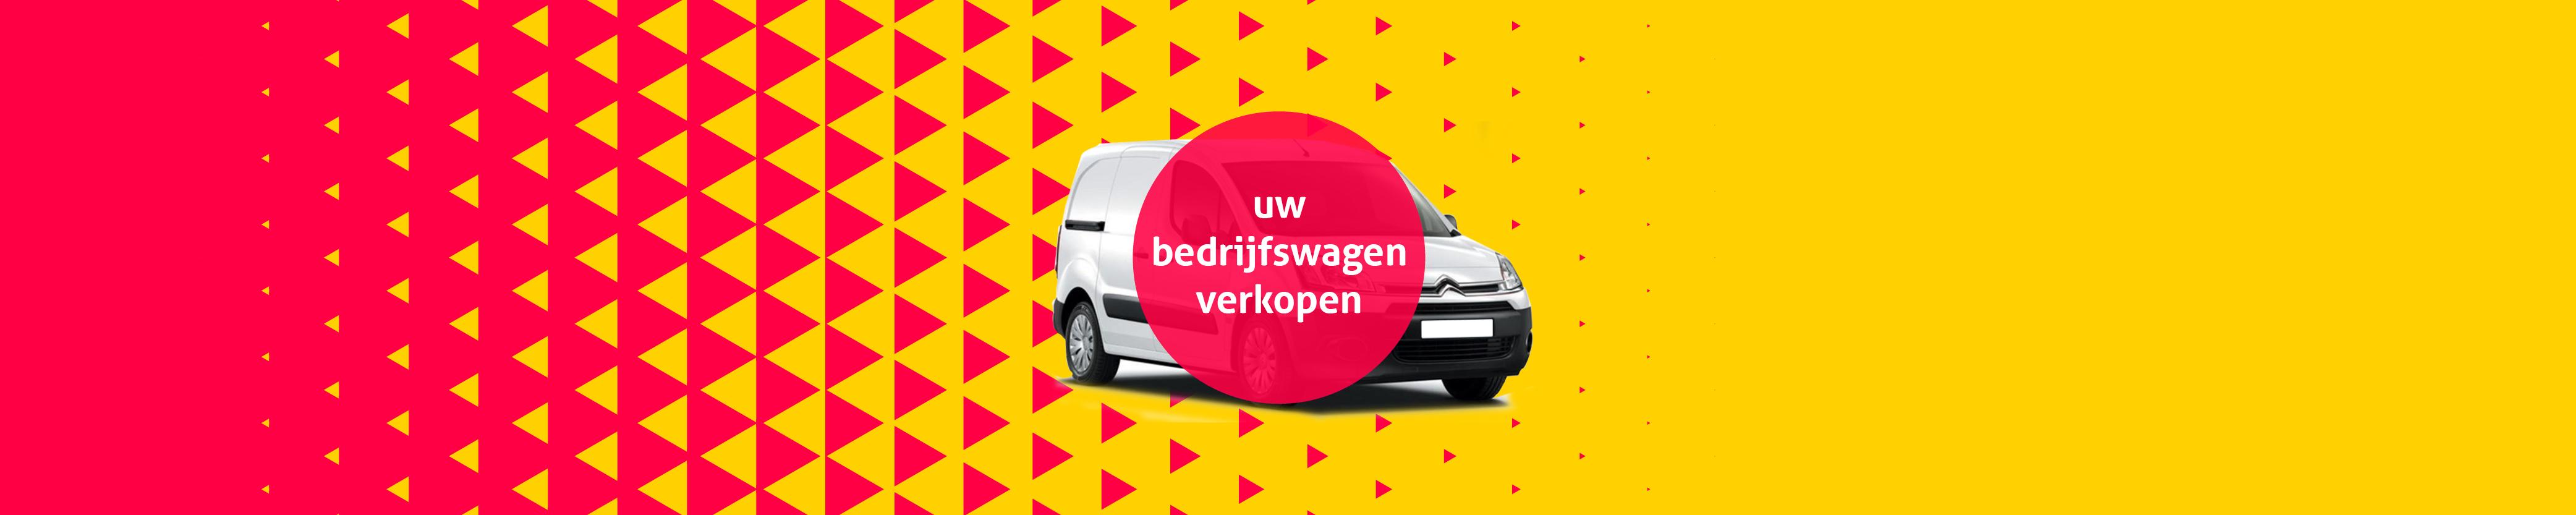 Bedrijfswagen verkopen Eindhoven